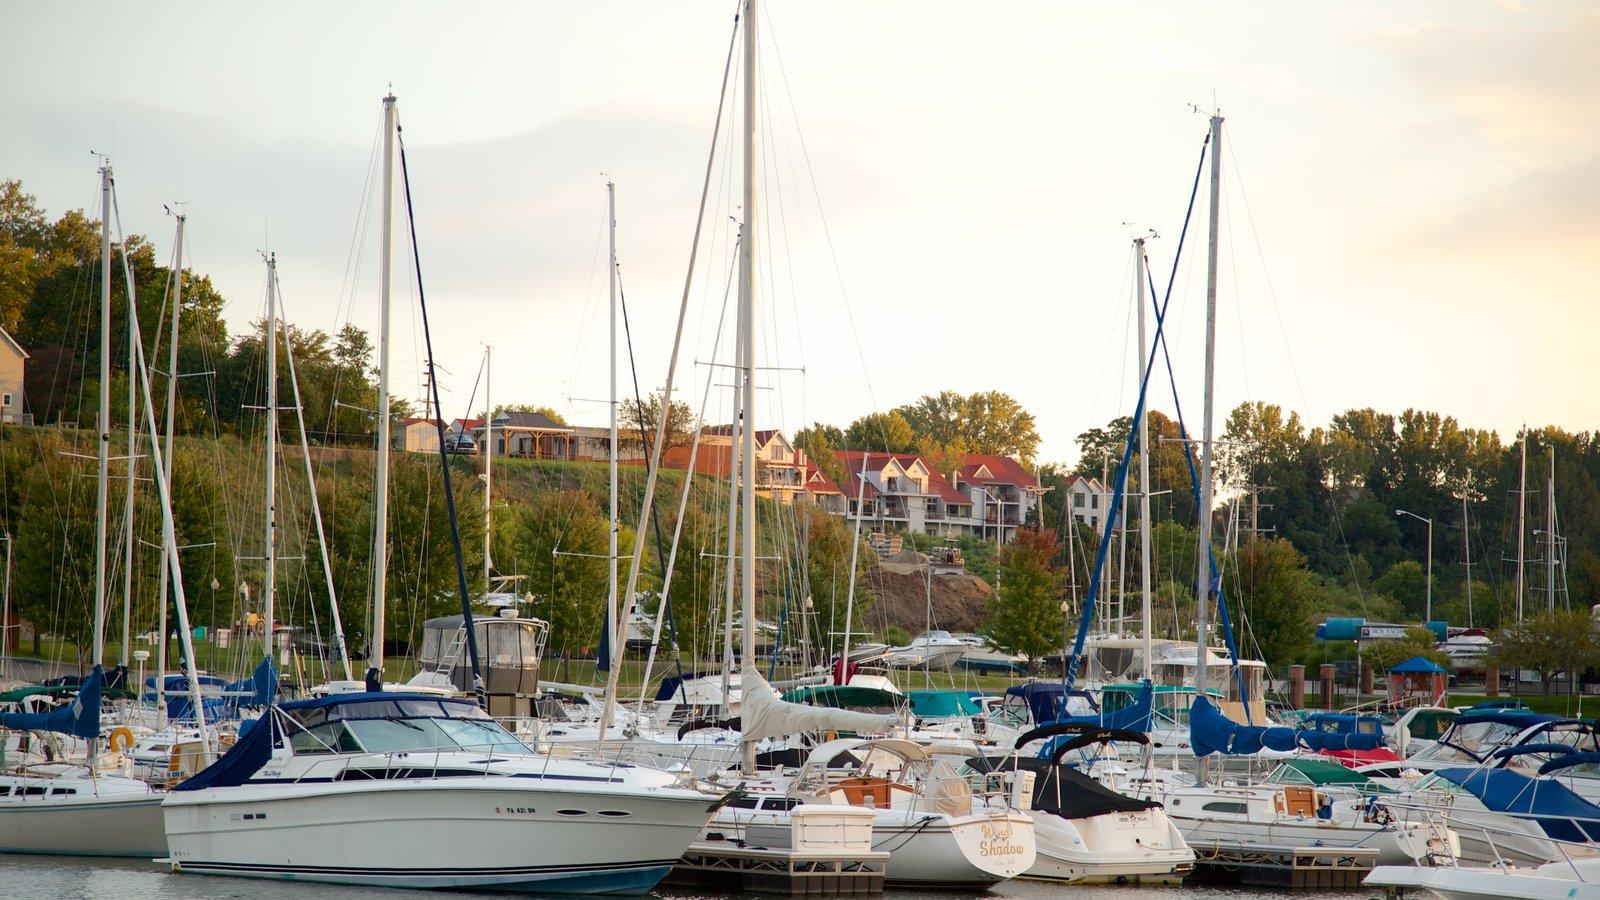 Erie caracterizando vela e uma baía ou porto